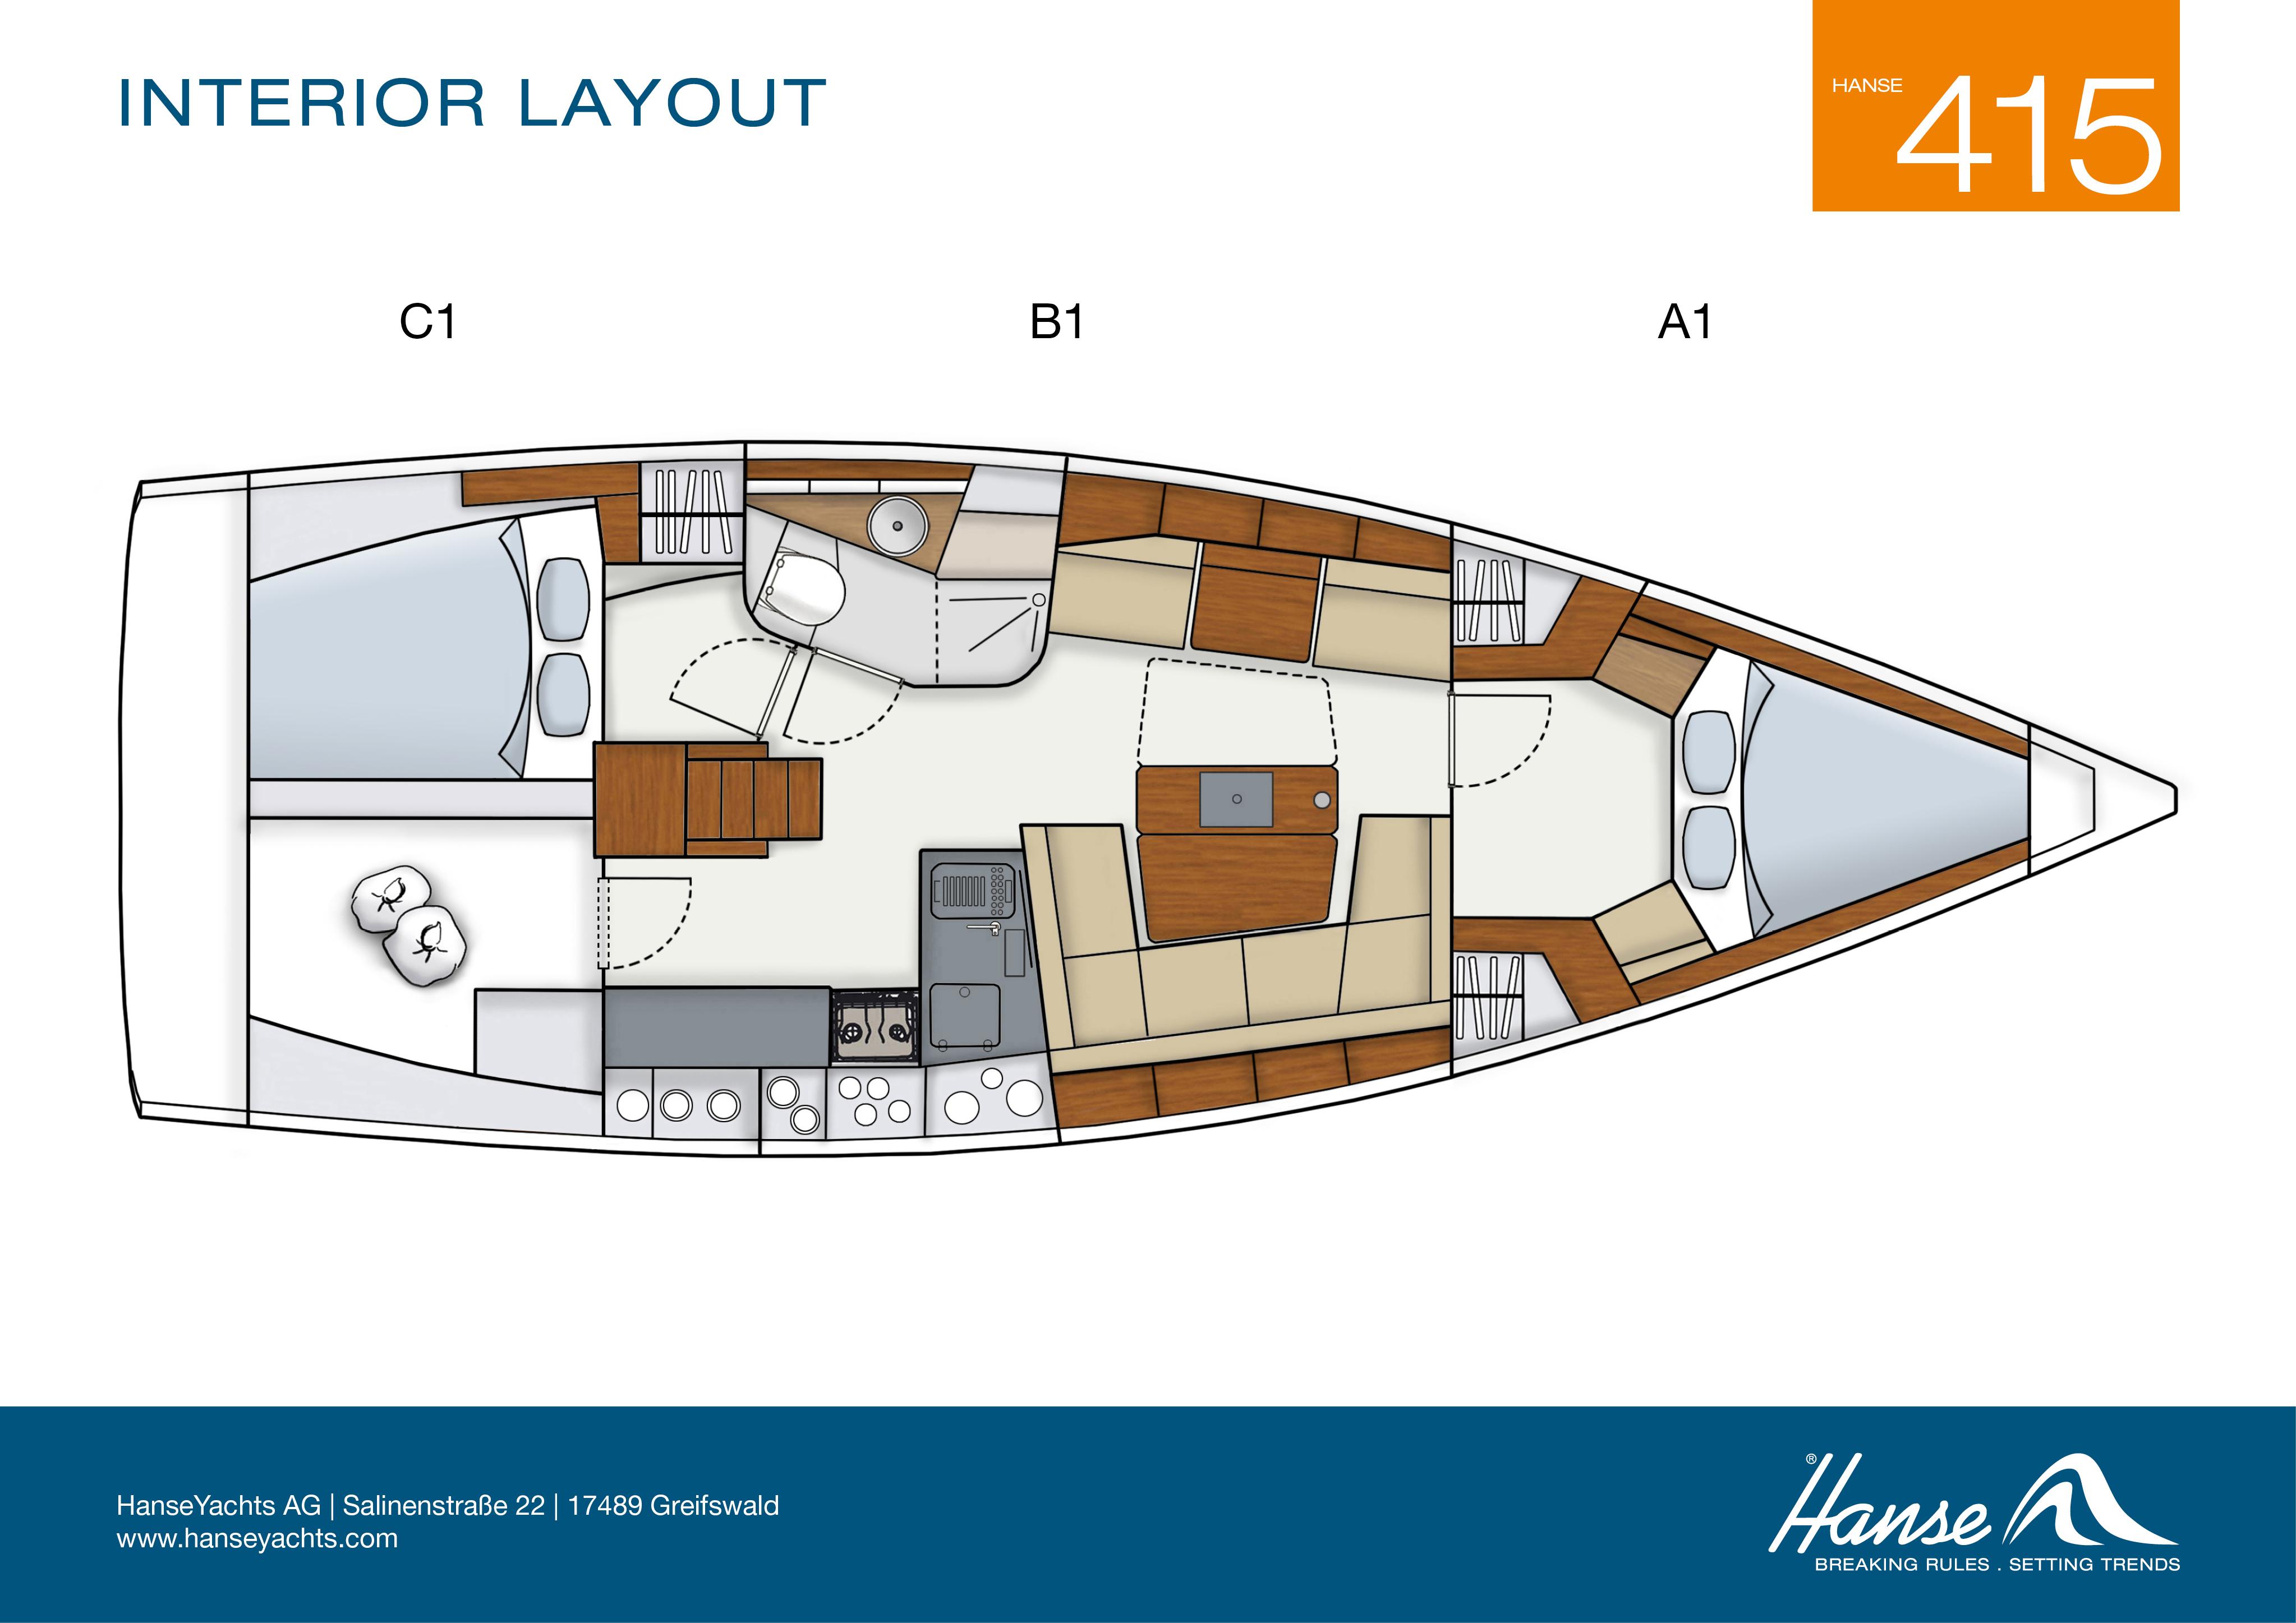 Hanse  - layout-hanse-415-268359.jpg